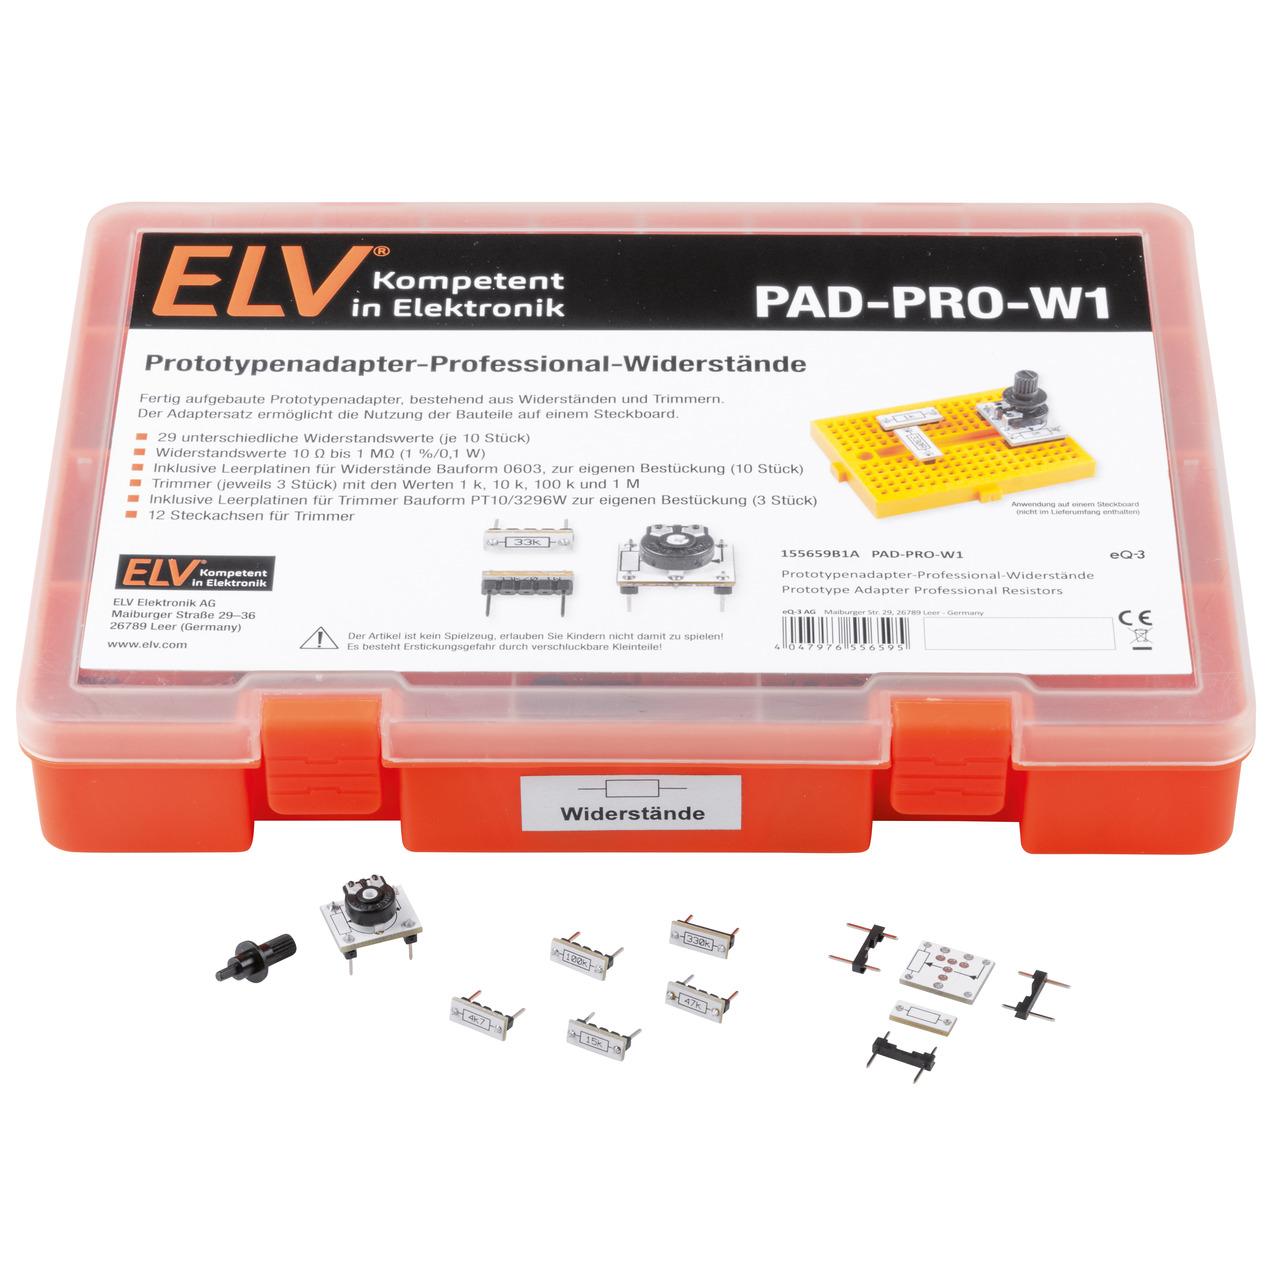 ELV Aufbewahrungsbox mit Widerständen und Trimmer PAD-PRO-W1- 315 Teile